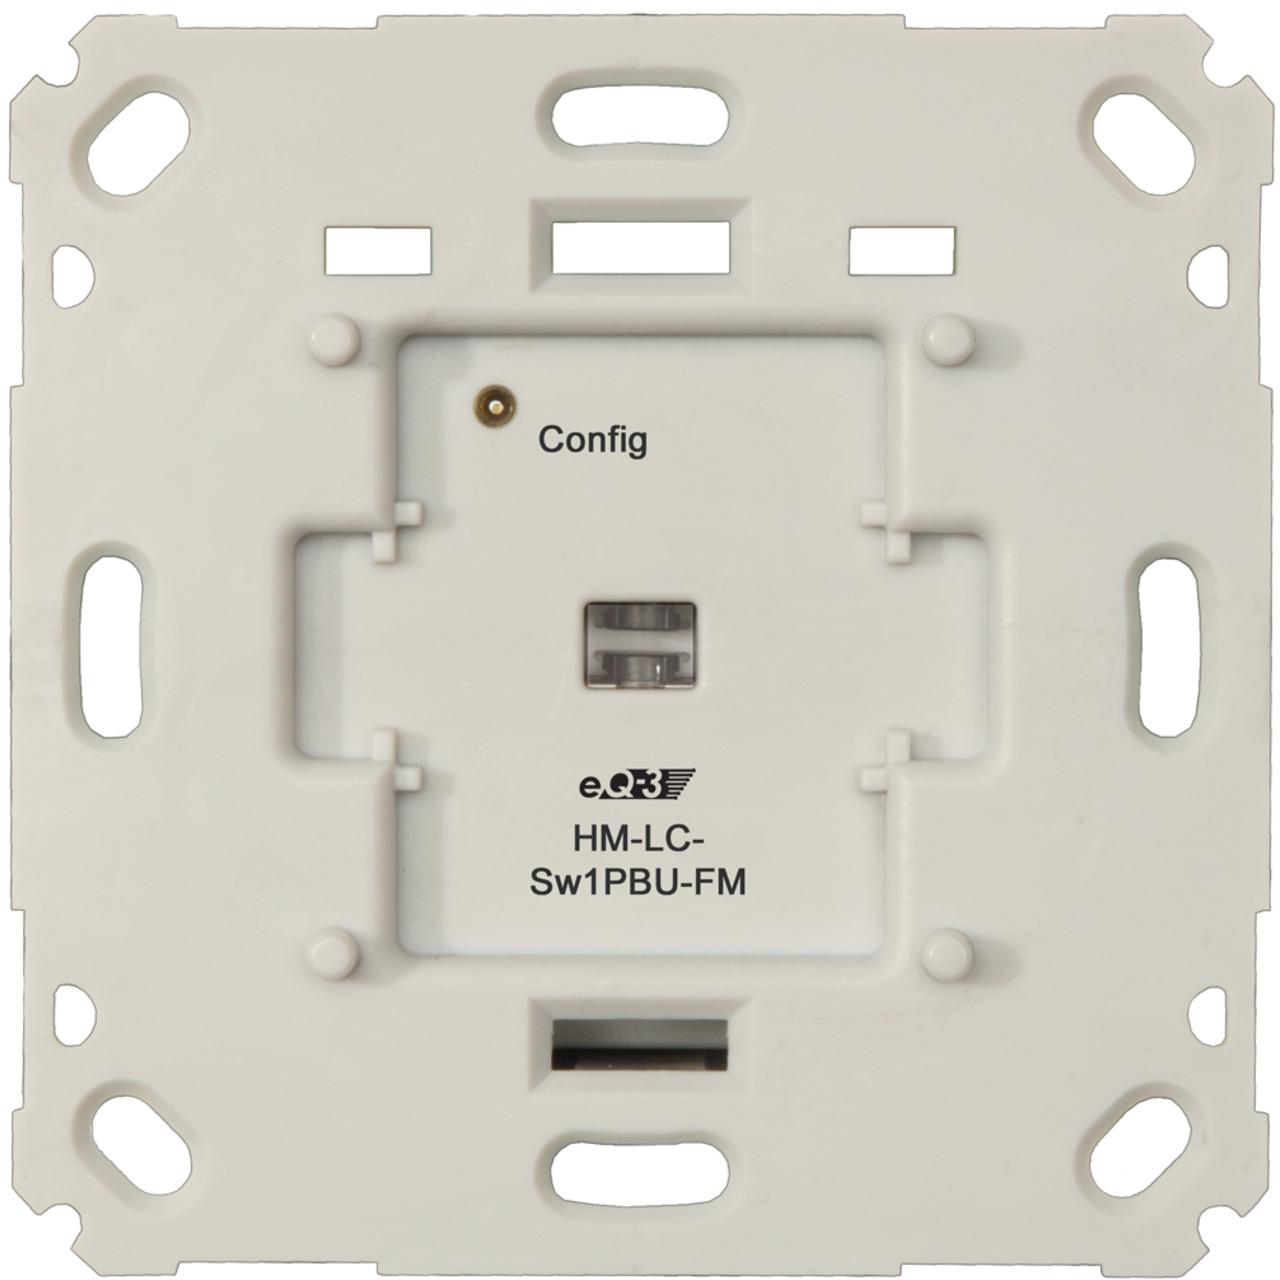 Homematic 3er-Set Funk-Schaltaktor für Markenschalter- 1fach Unterputzmontage HM-LC-Sw1PBU-FM